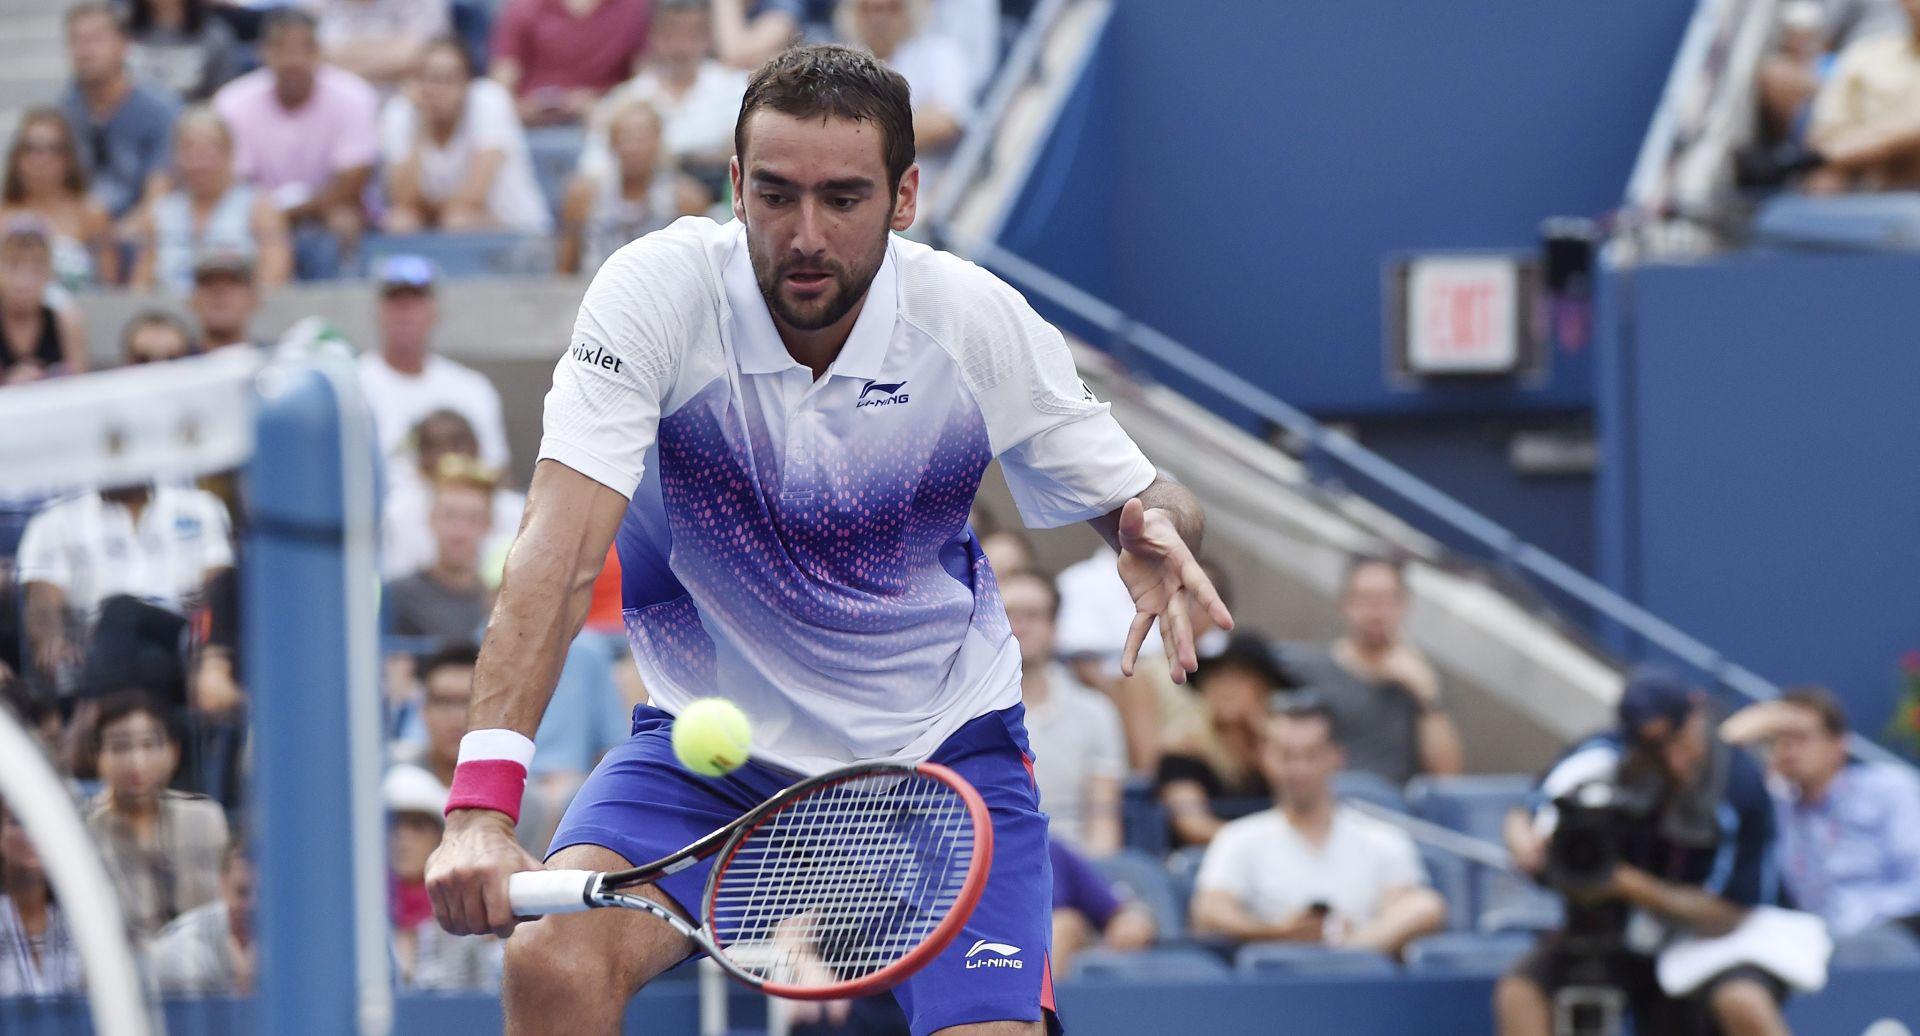 ATP SHENZHEN Čilić slavio protiv Millmana, u četvrtfinalu na Chunga